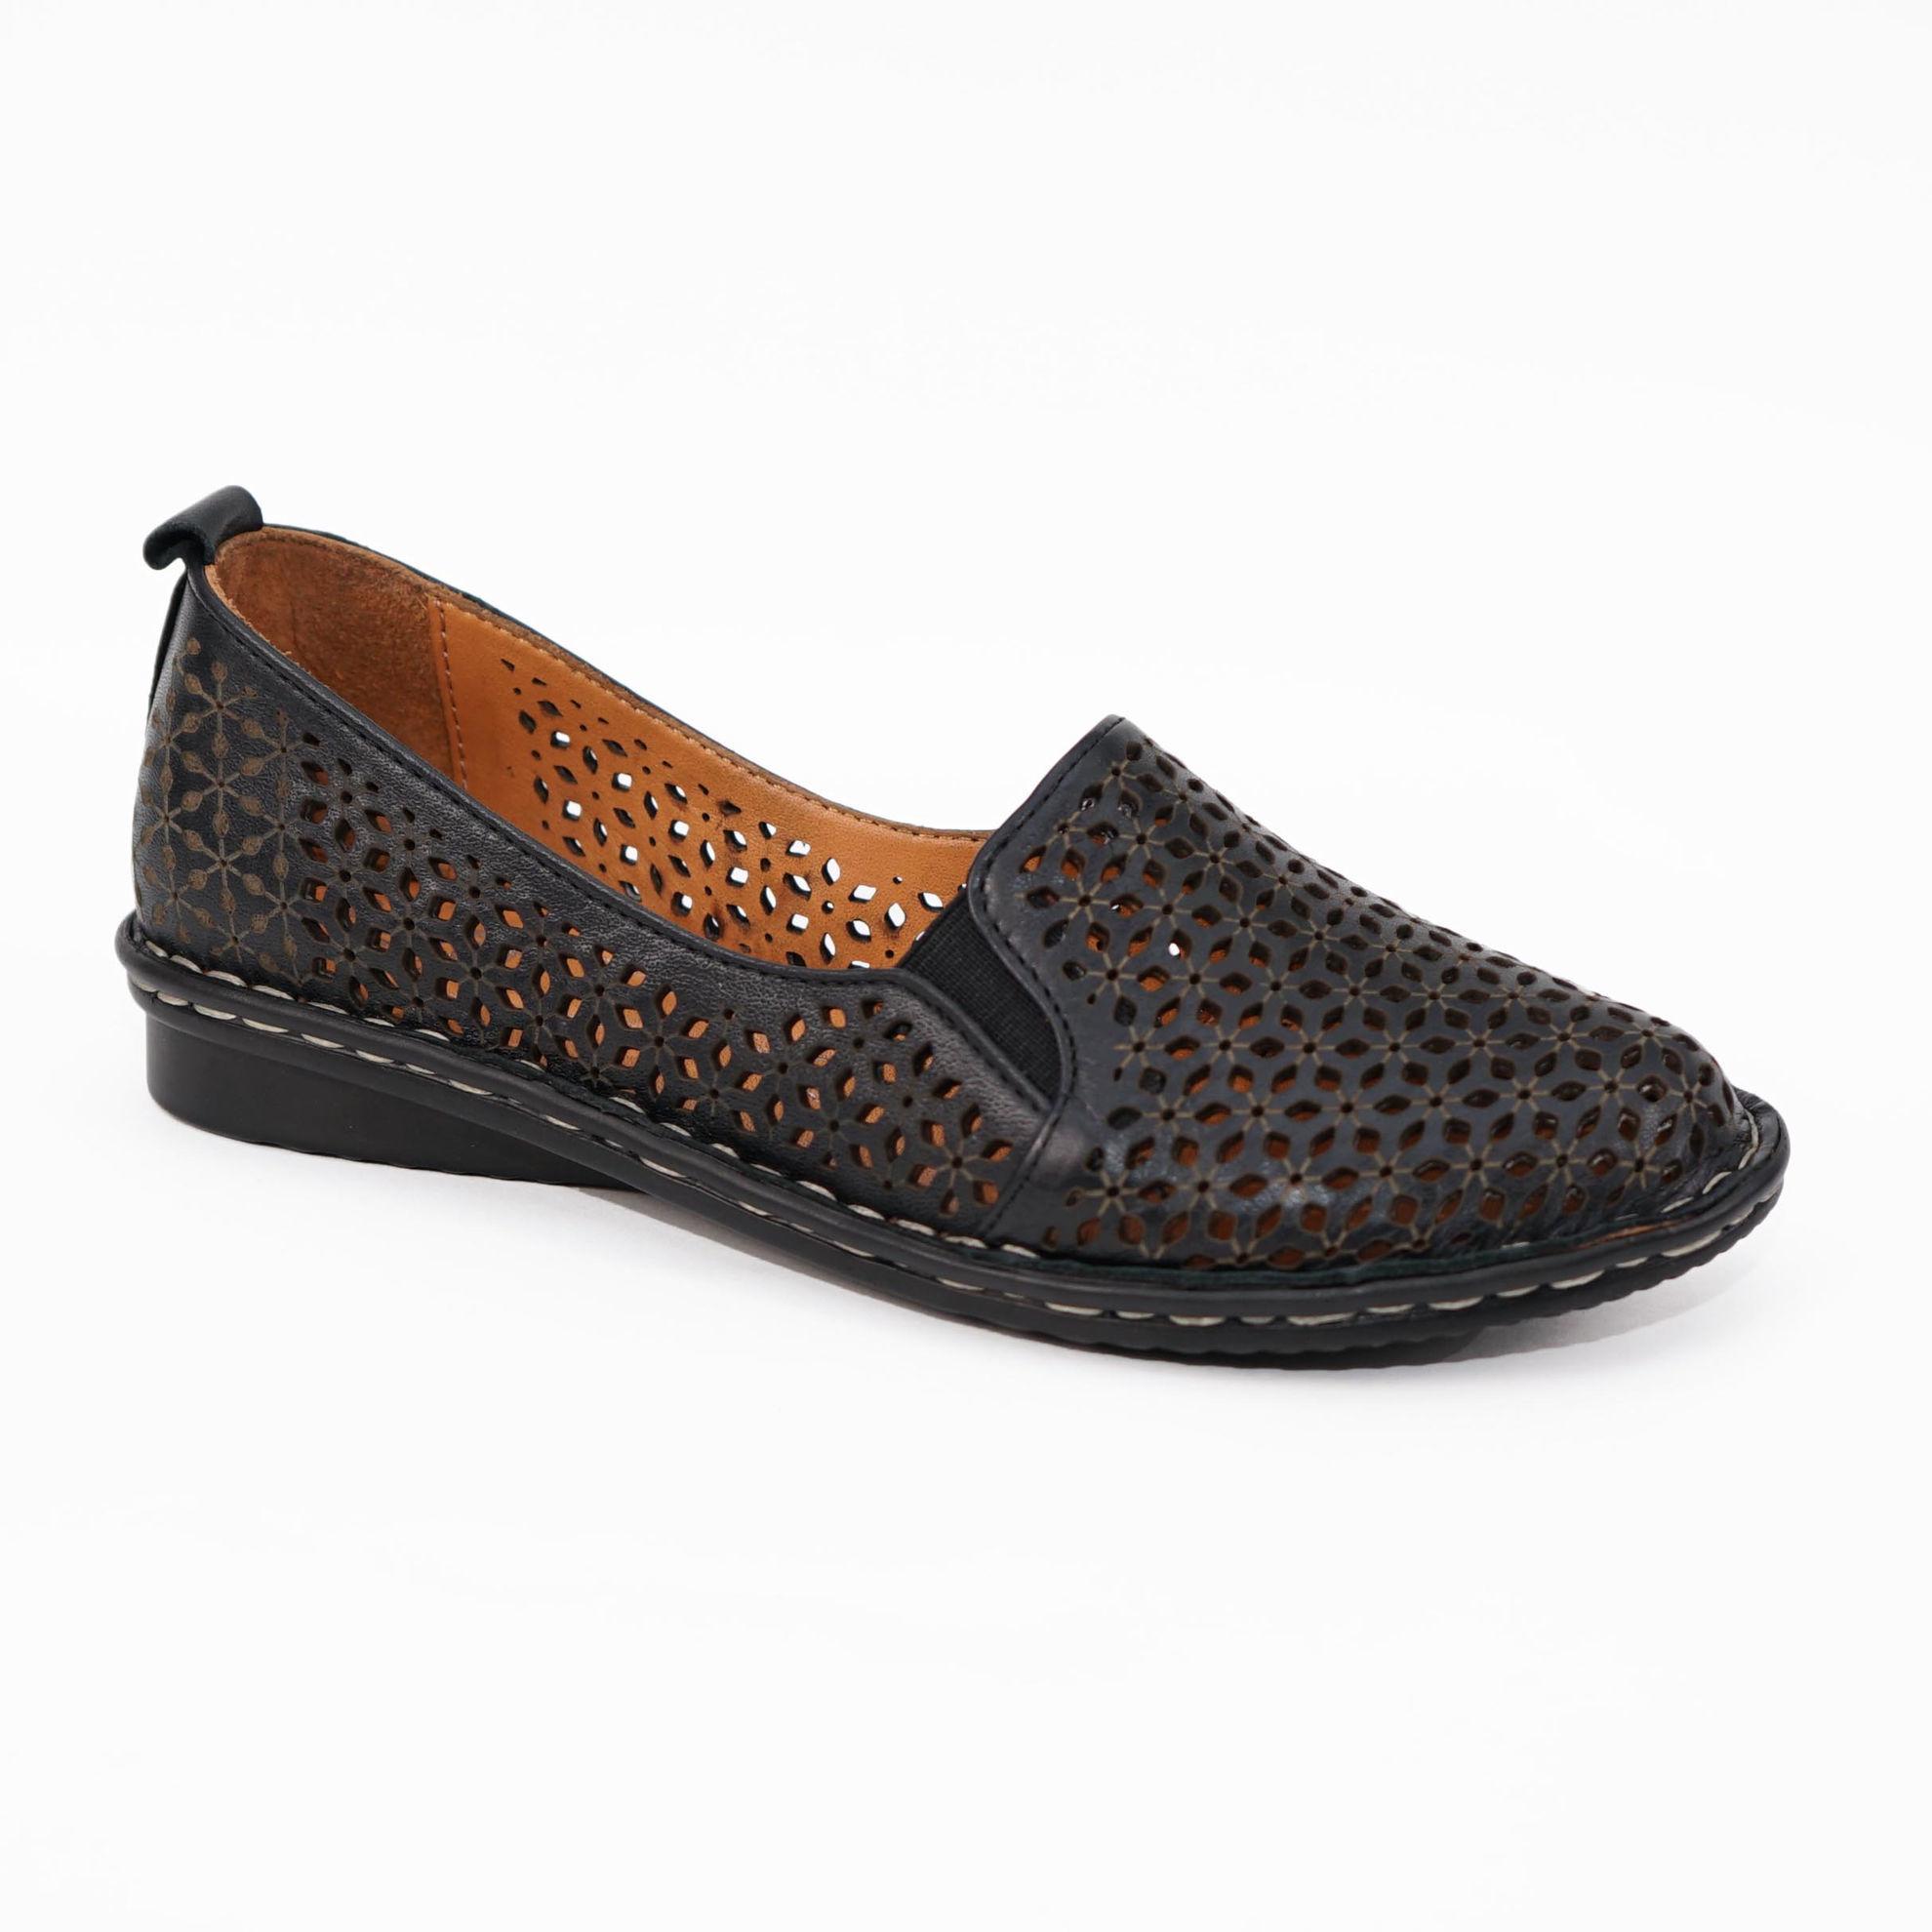 Imagine Pantofi perforati damă piele naturală T 4000 negru